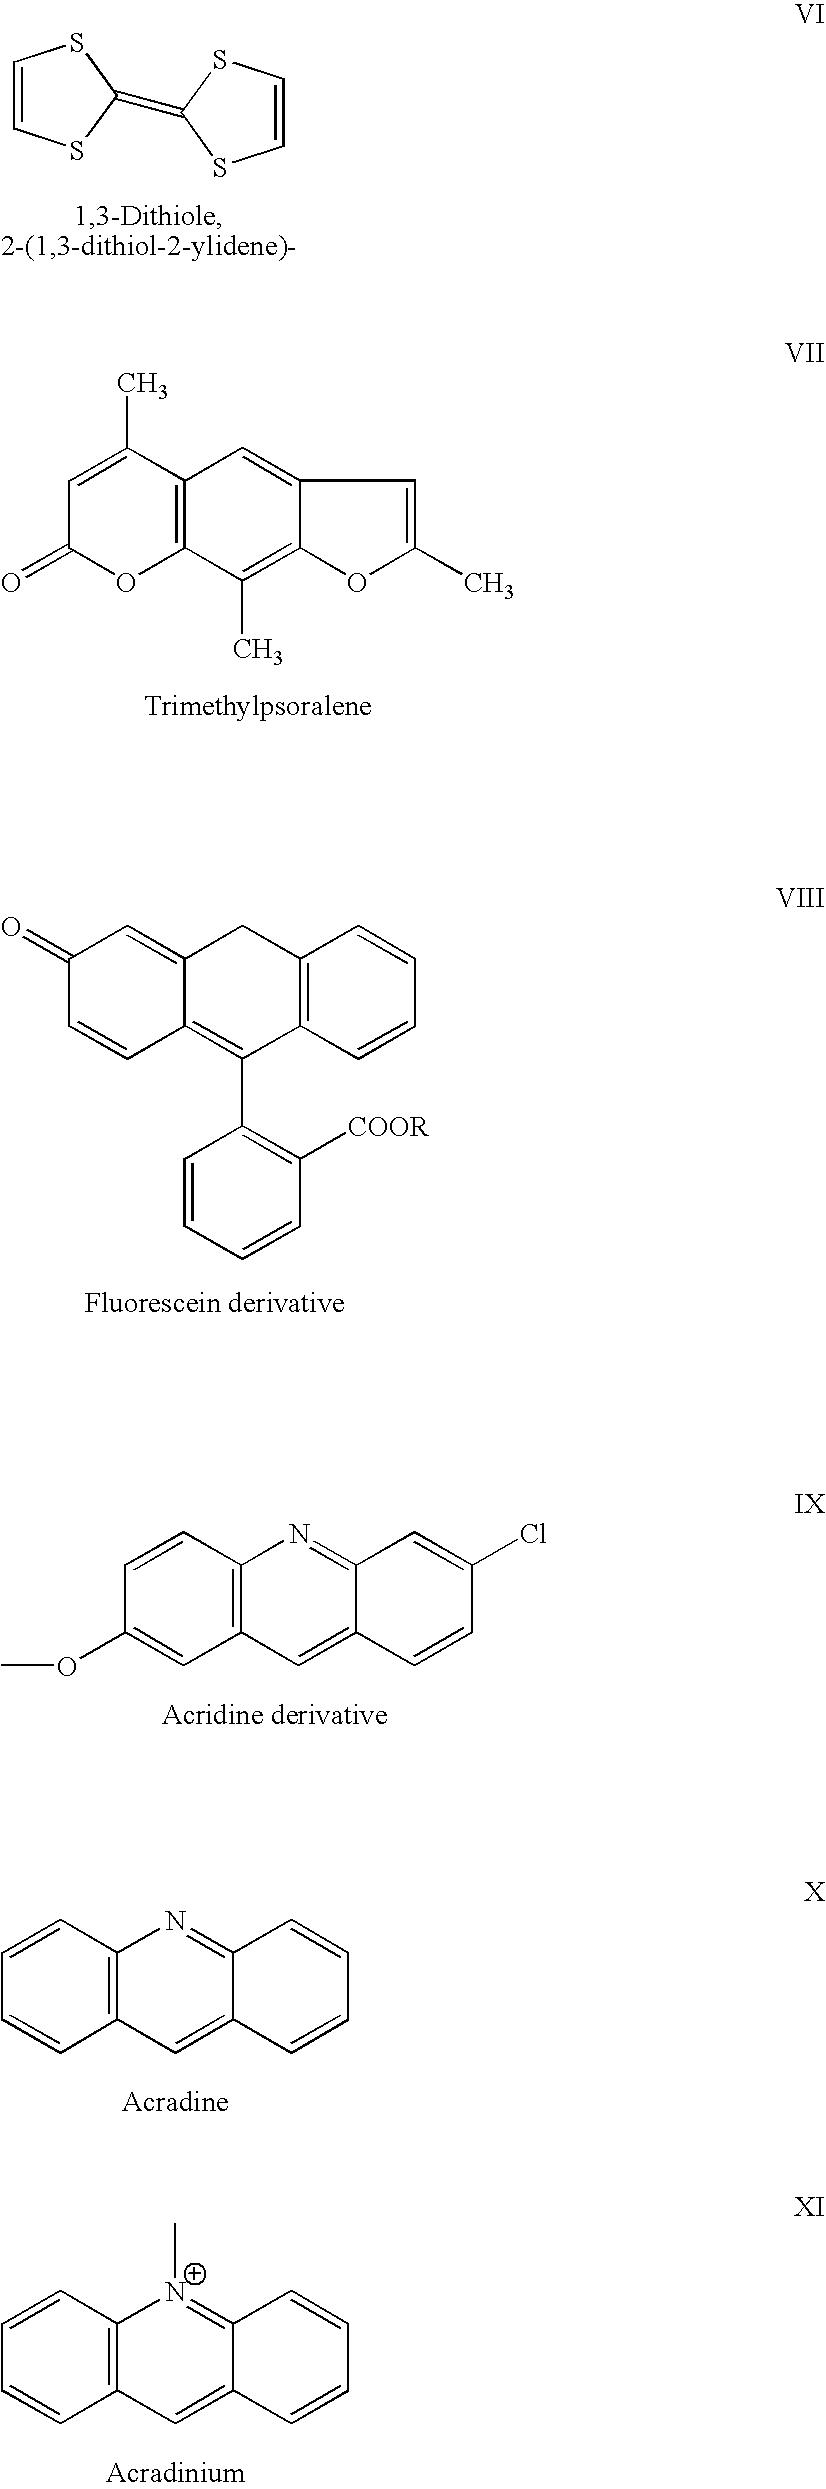 Figure US20060014144A1-20060119-C00065